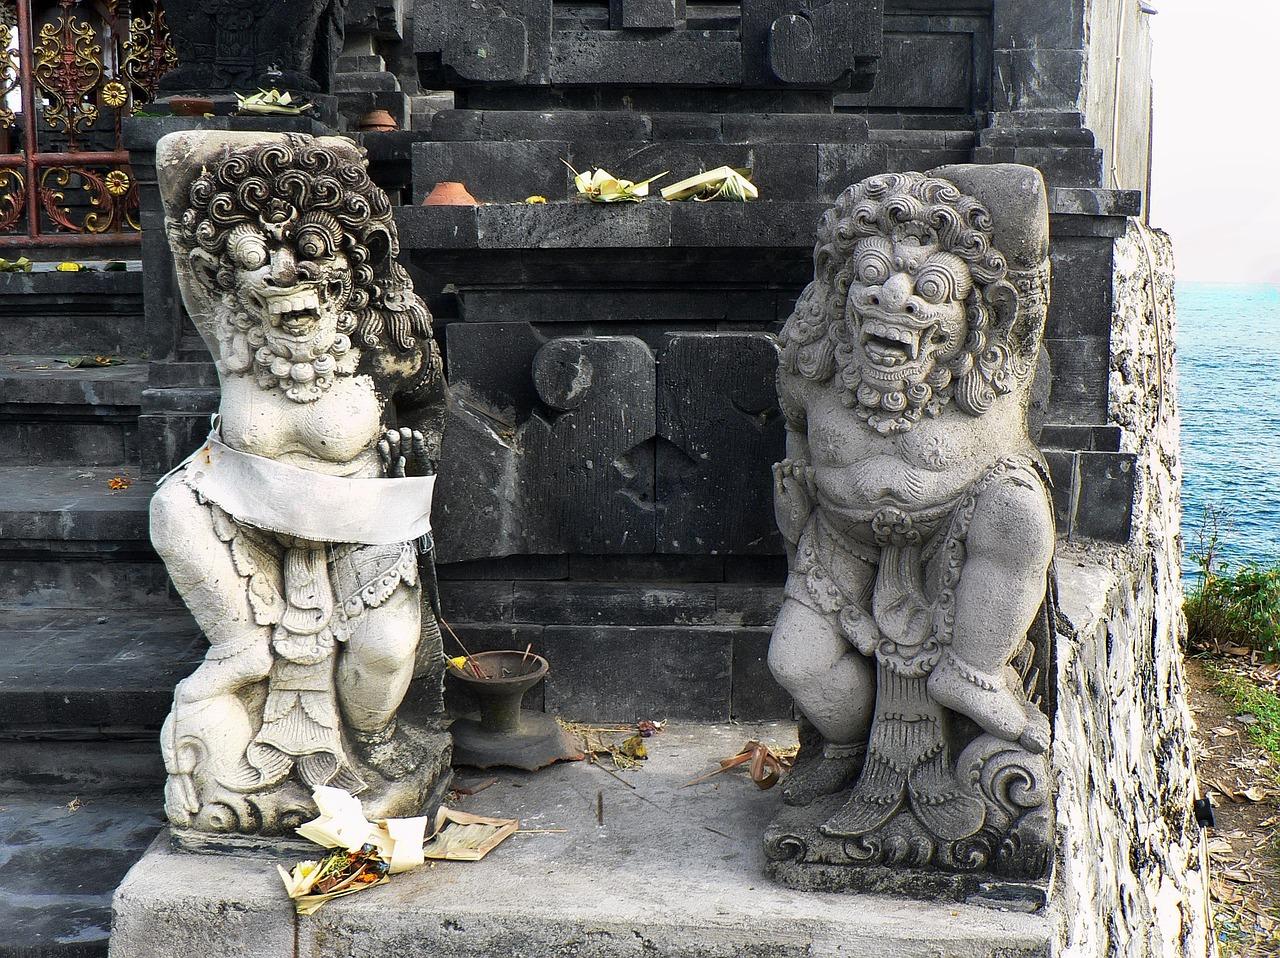 bali island indonesia temple statues gods mythology